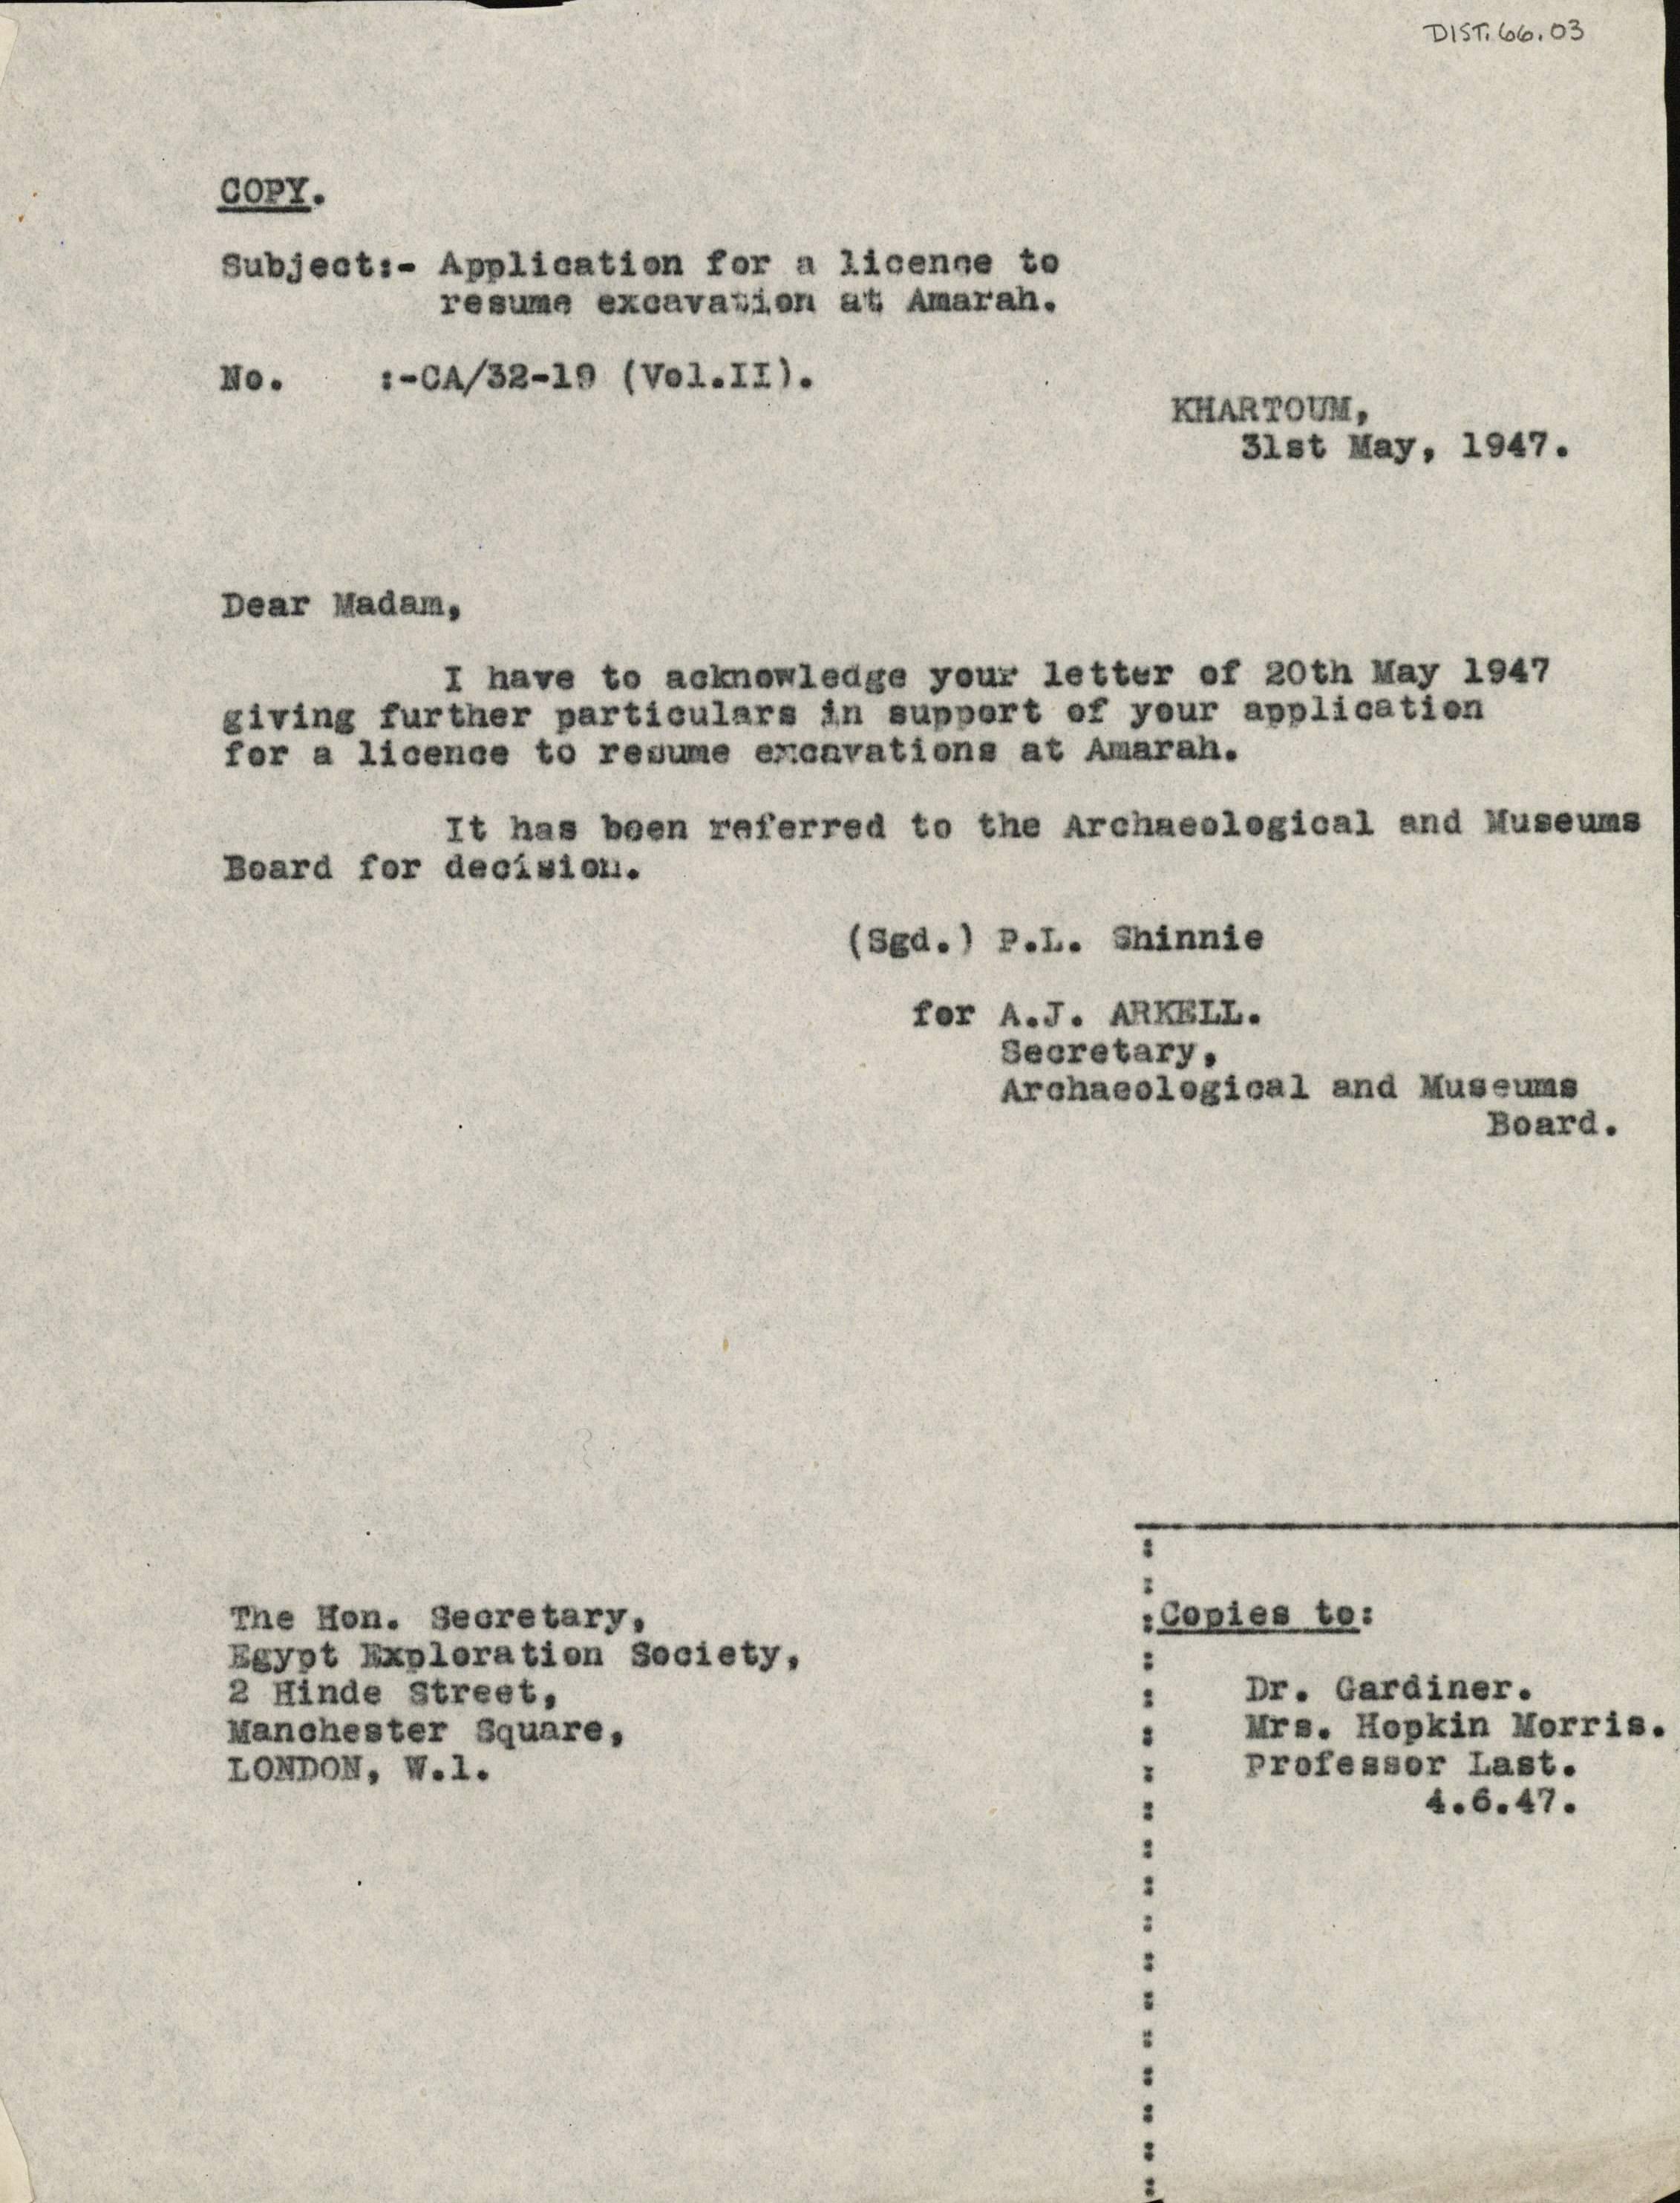 1947-54 Amarah West DIST.66.03